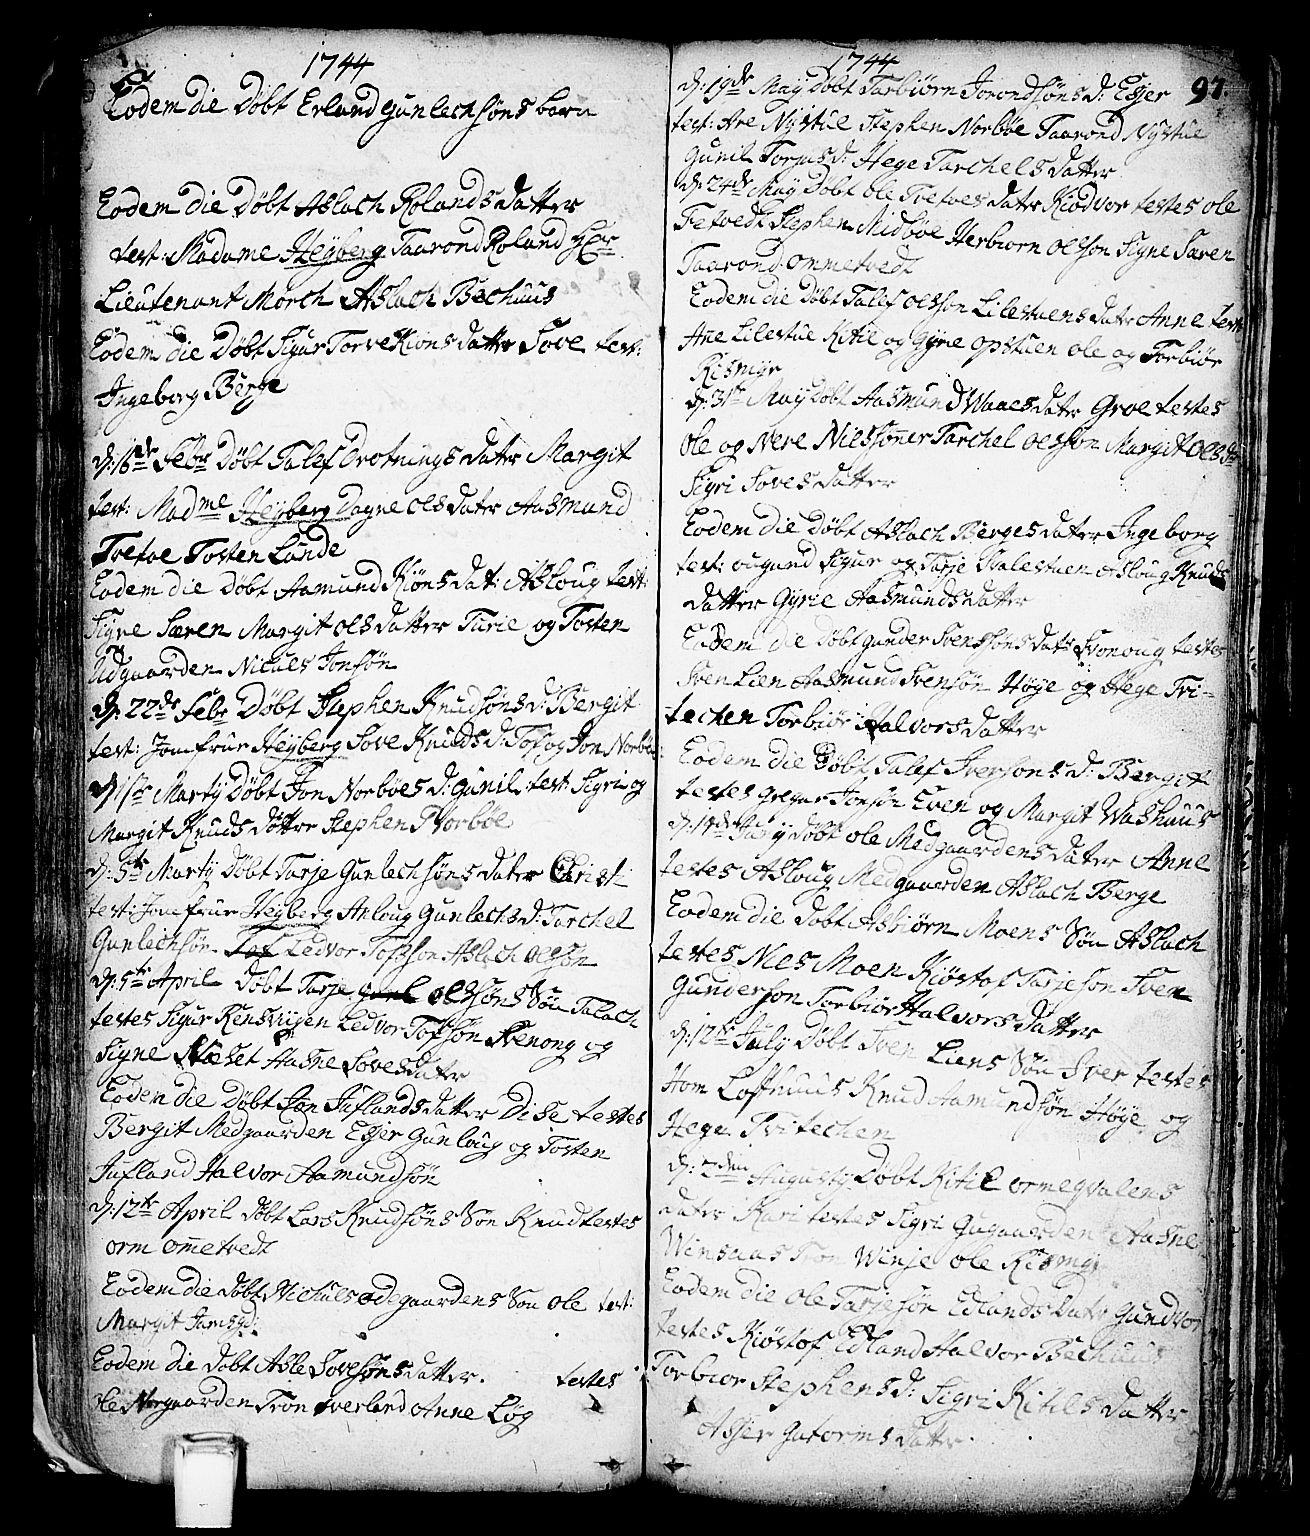 SAKO, Vinje kirkebøker, F/Fa/L0001: Ministerialbok nr. I 1, 1717-1766, s. 97